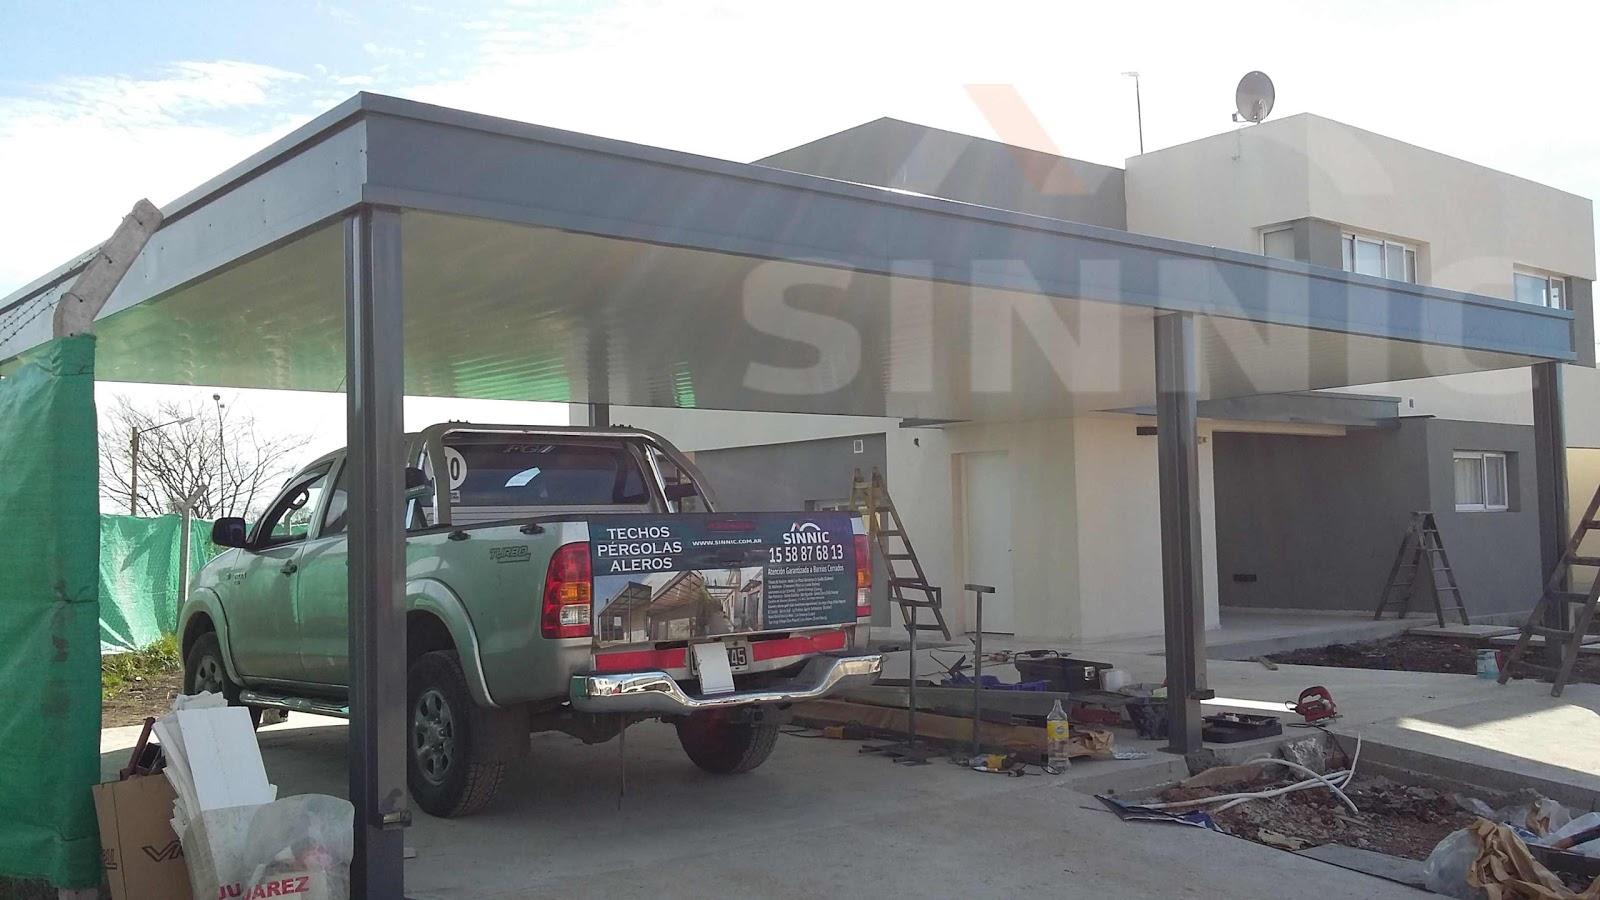 Techo de policarbonato pergolas aleros techos de chapa for Techos de policarbonato para garage